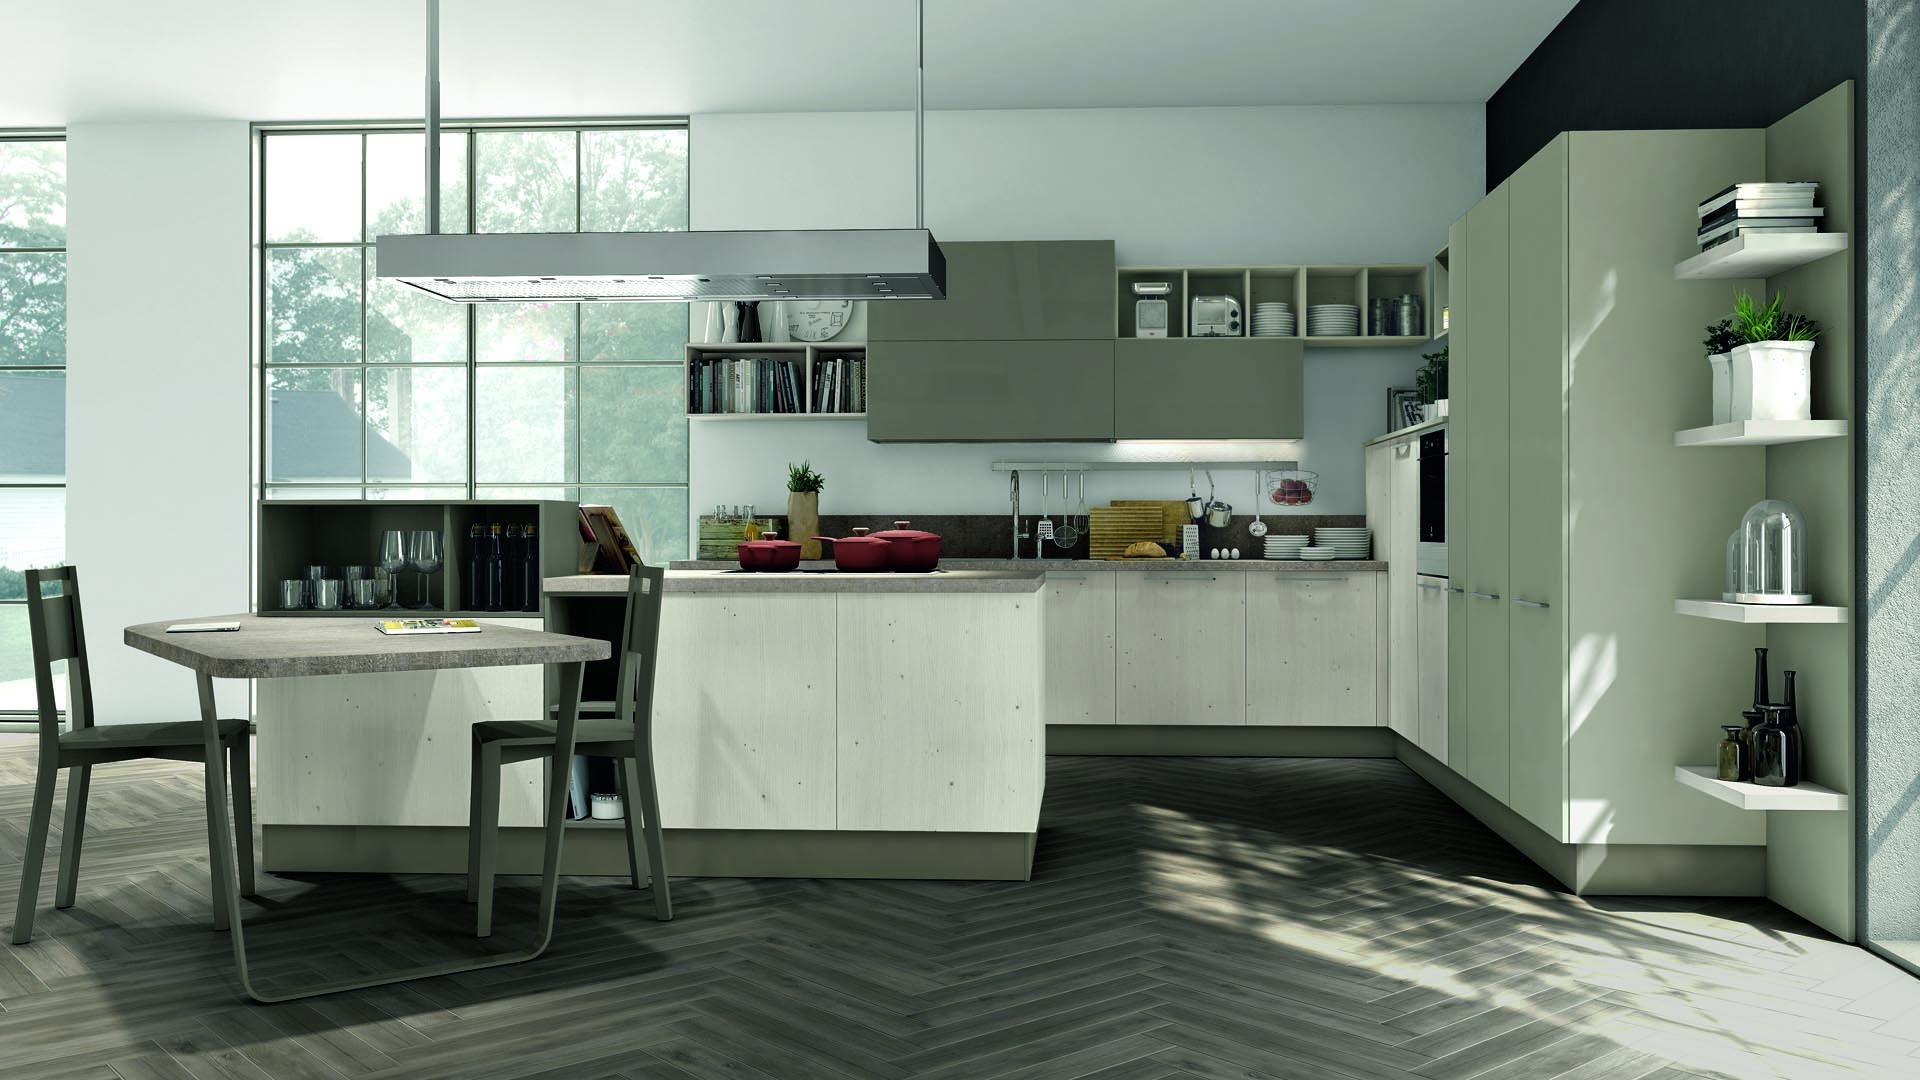 Cucine Componibili Milano - Design Per La Casa Moderna - Ltay.net